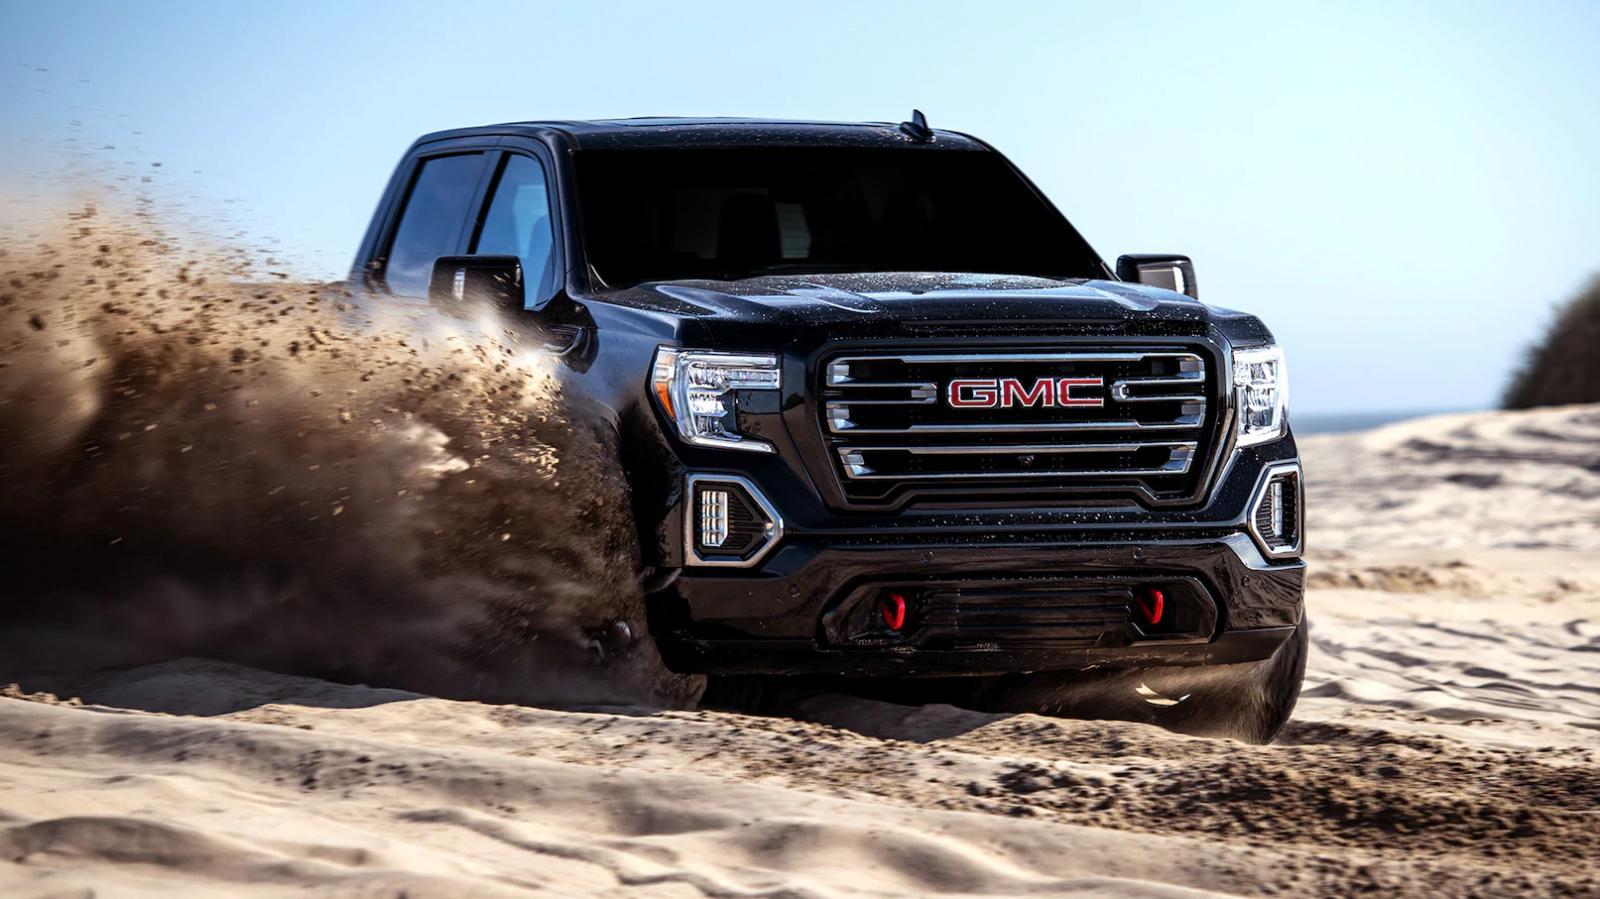 La GMC Sierra AT4 2020 lleva suspensión elevada para enfrentar con mayor confianza las aventuras off-road